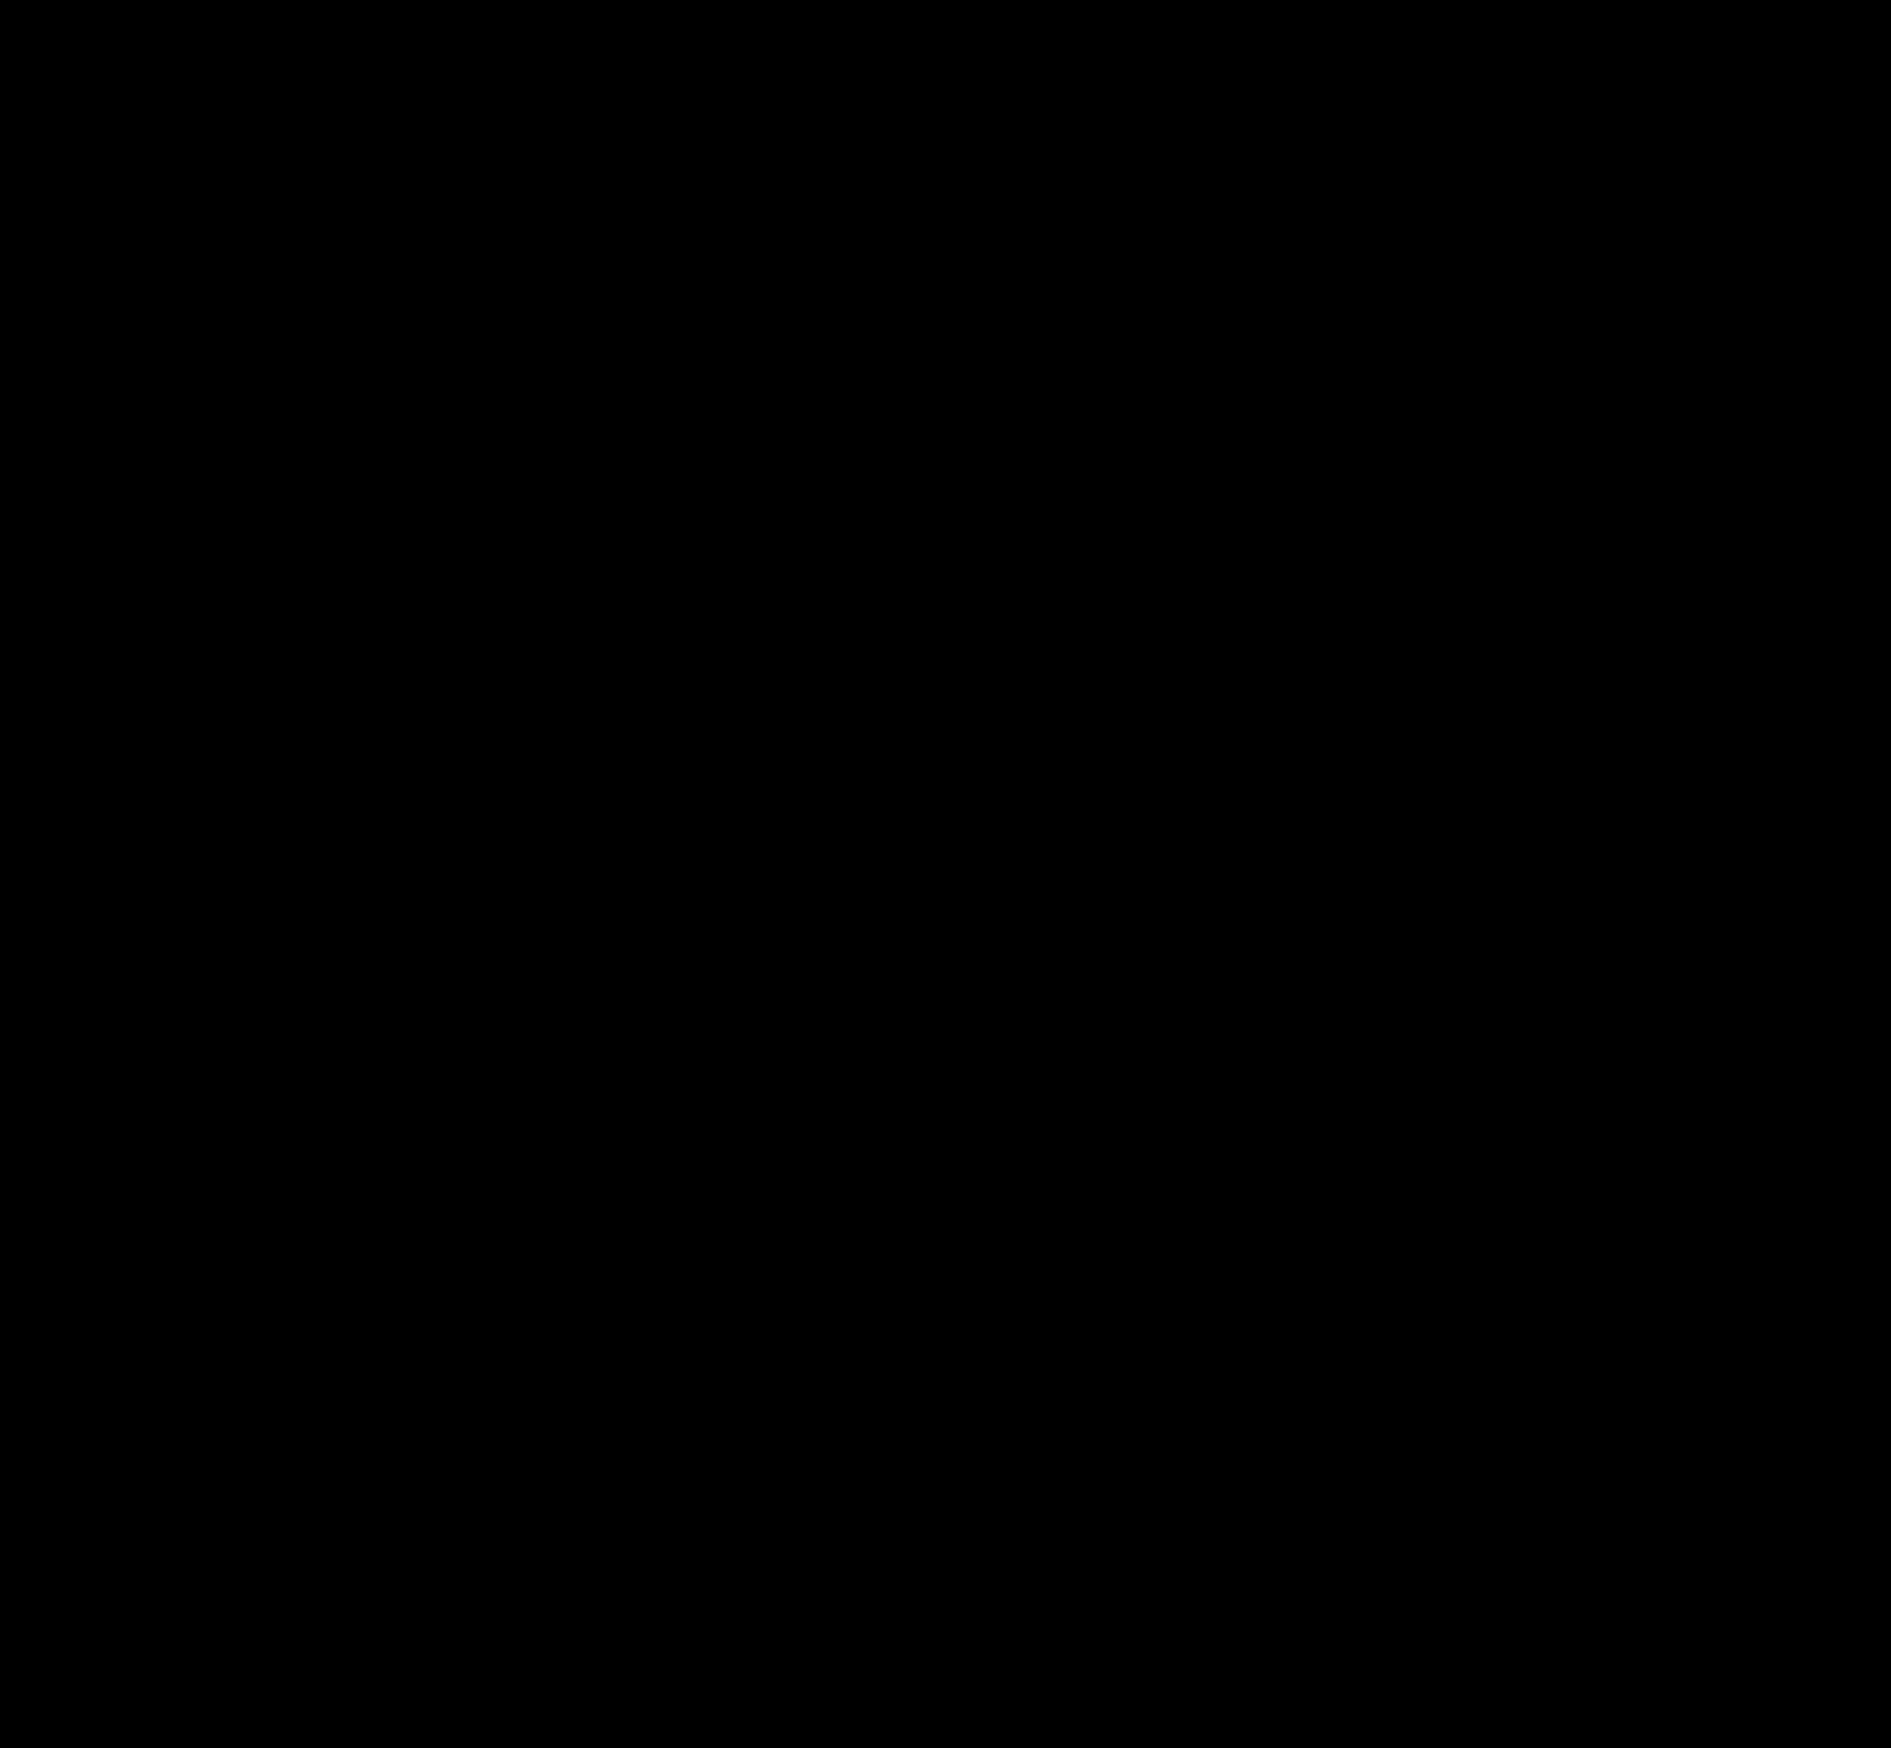 Logo perDivertiViaggio